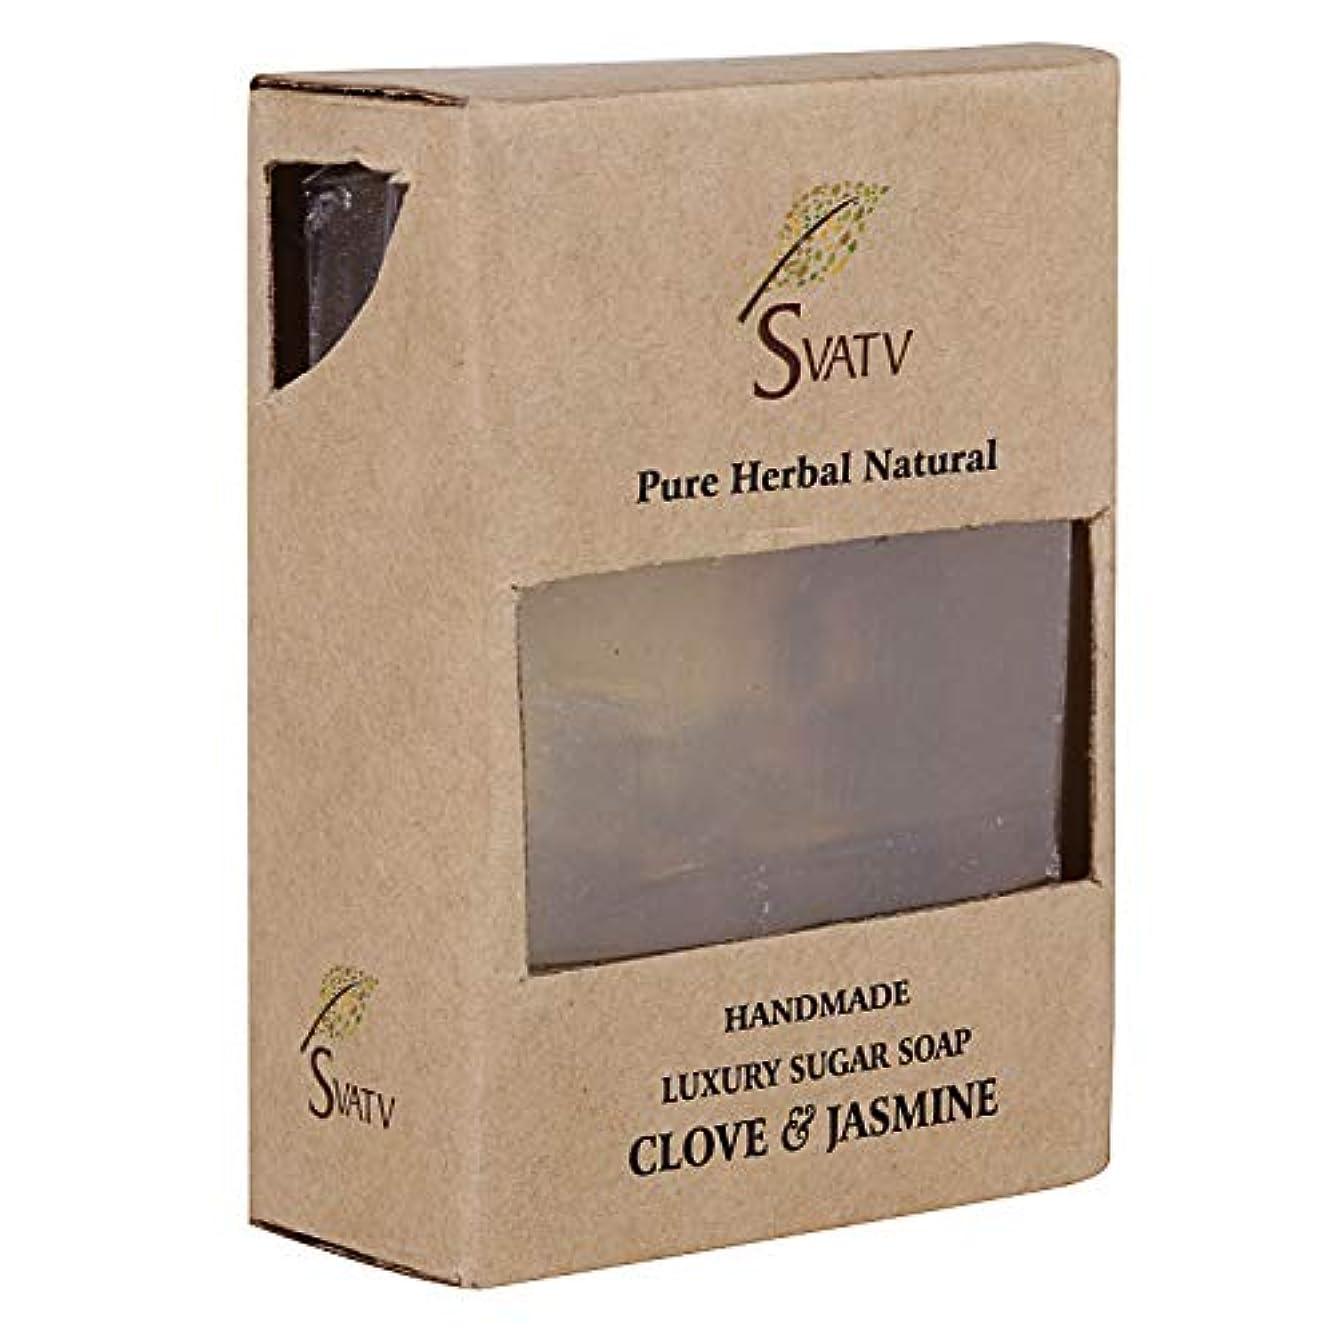 暗い感じる脚SVATV Handmade Luxury Sugar Natural Soap ll Clove & Jasmine ll For All Skin types 100g Bar ll Kosher Certified